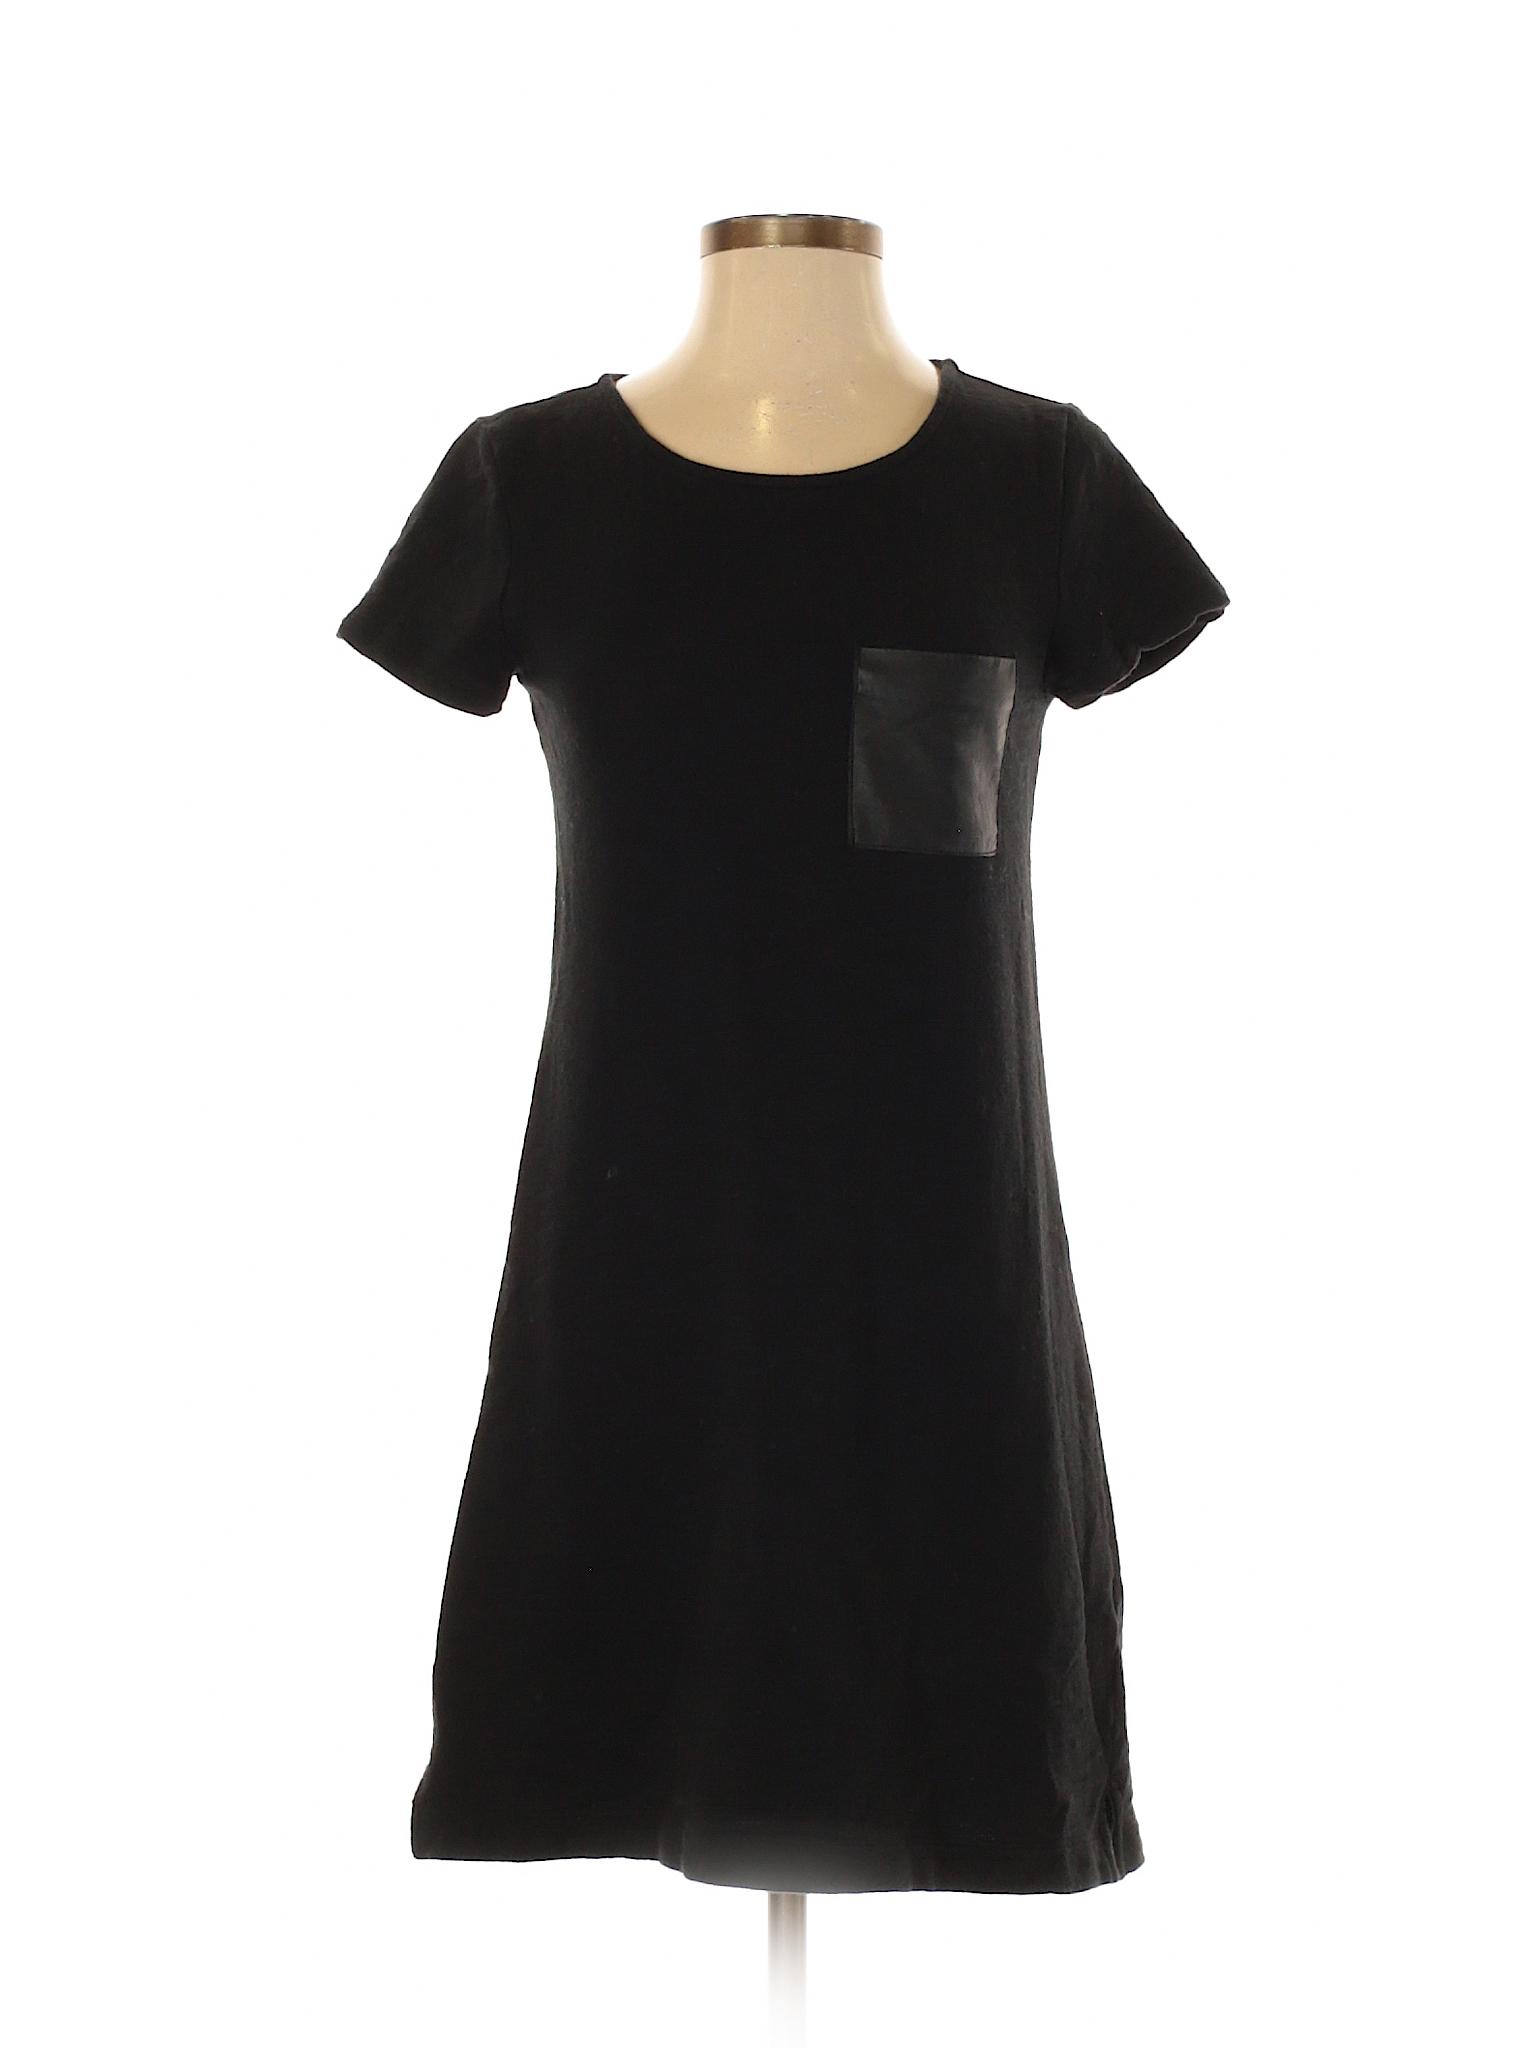 Gap Dress Outlet Casual winter Boutique ASnWqwvx7Z